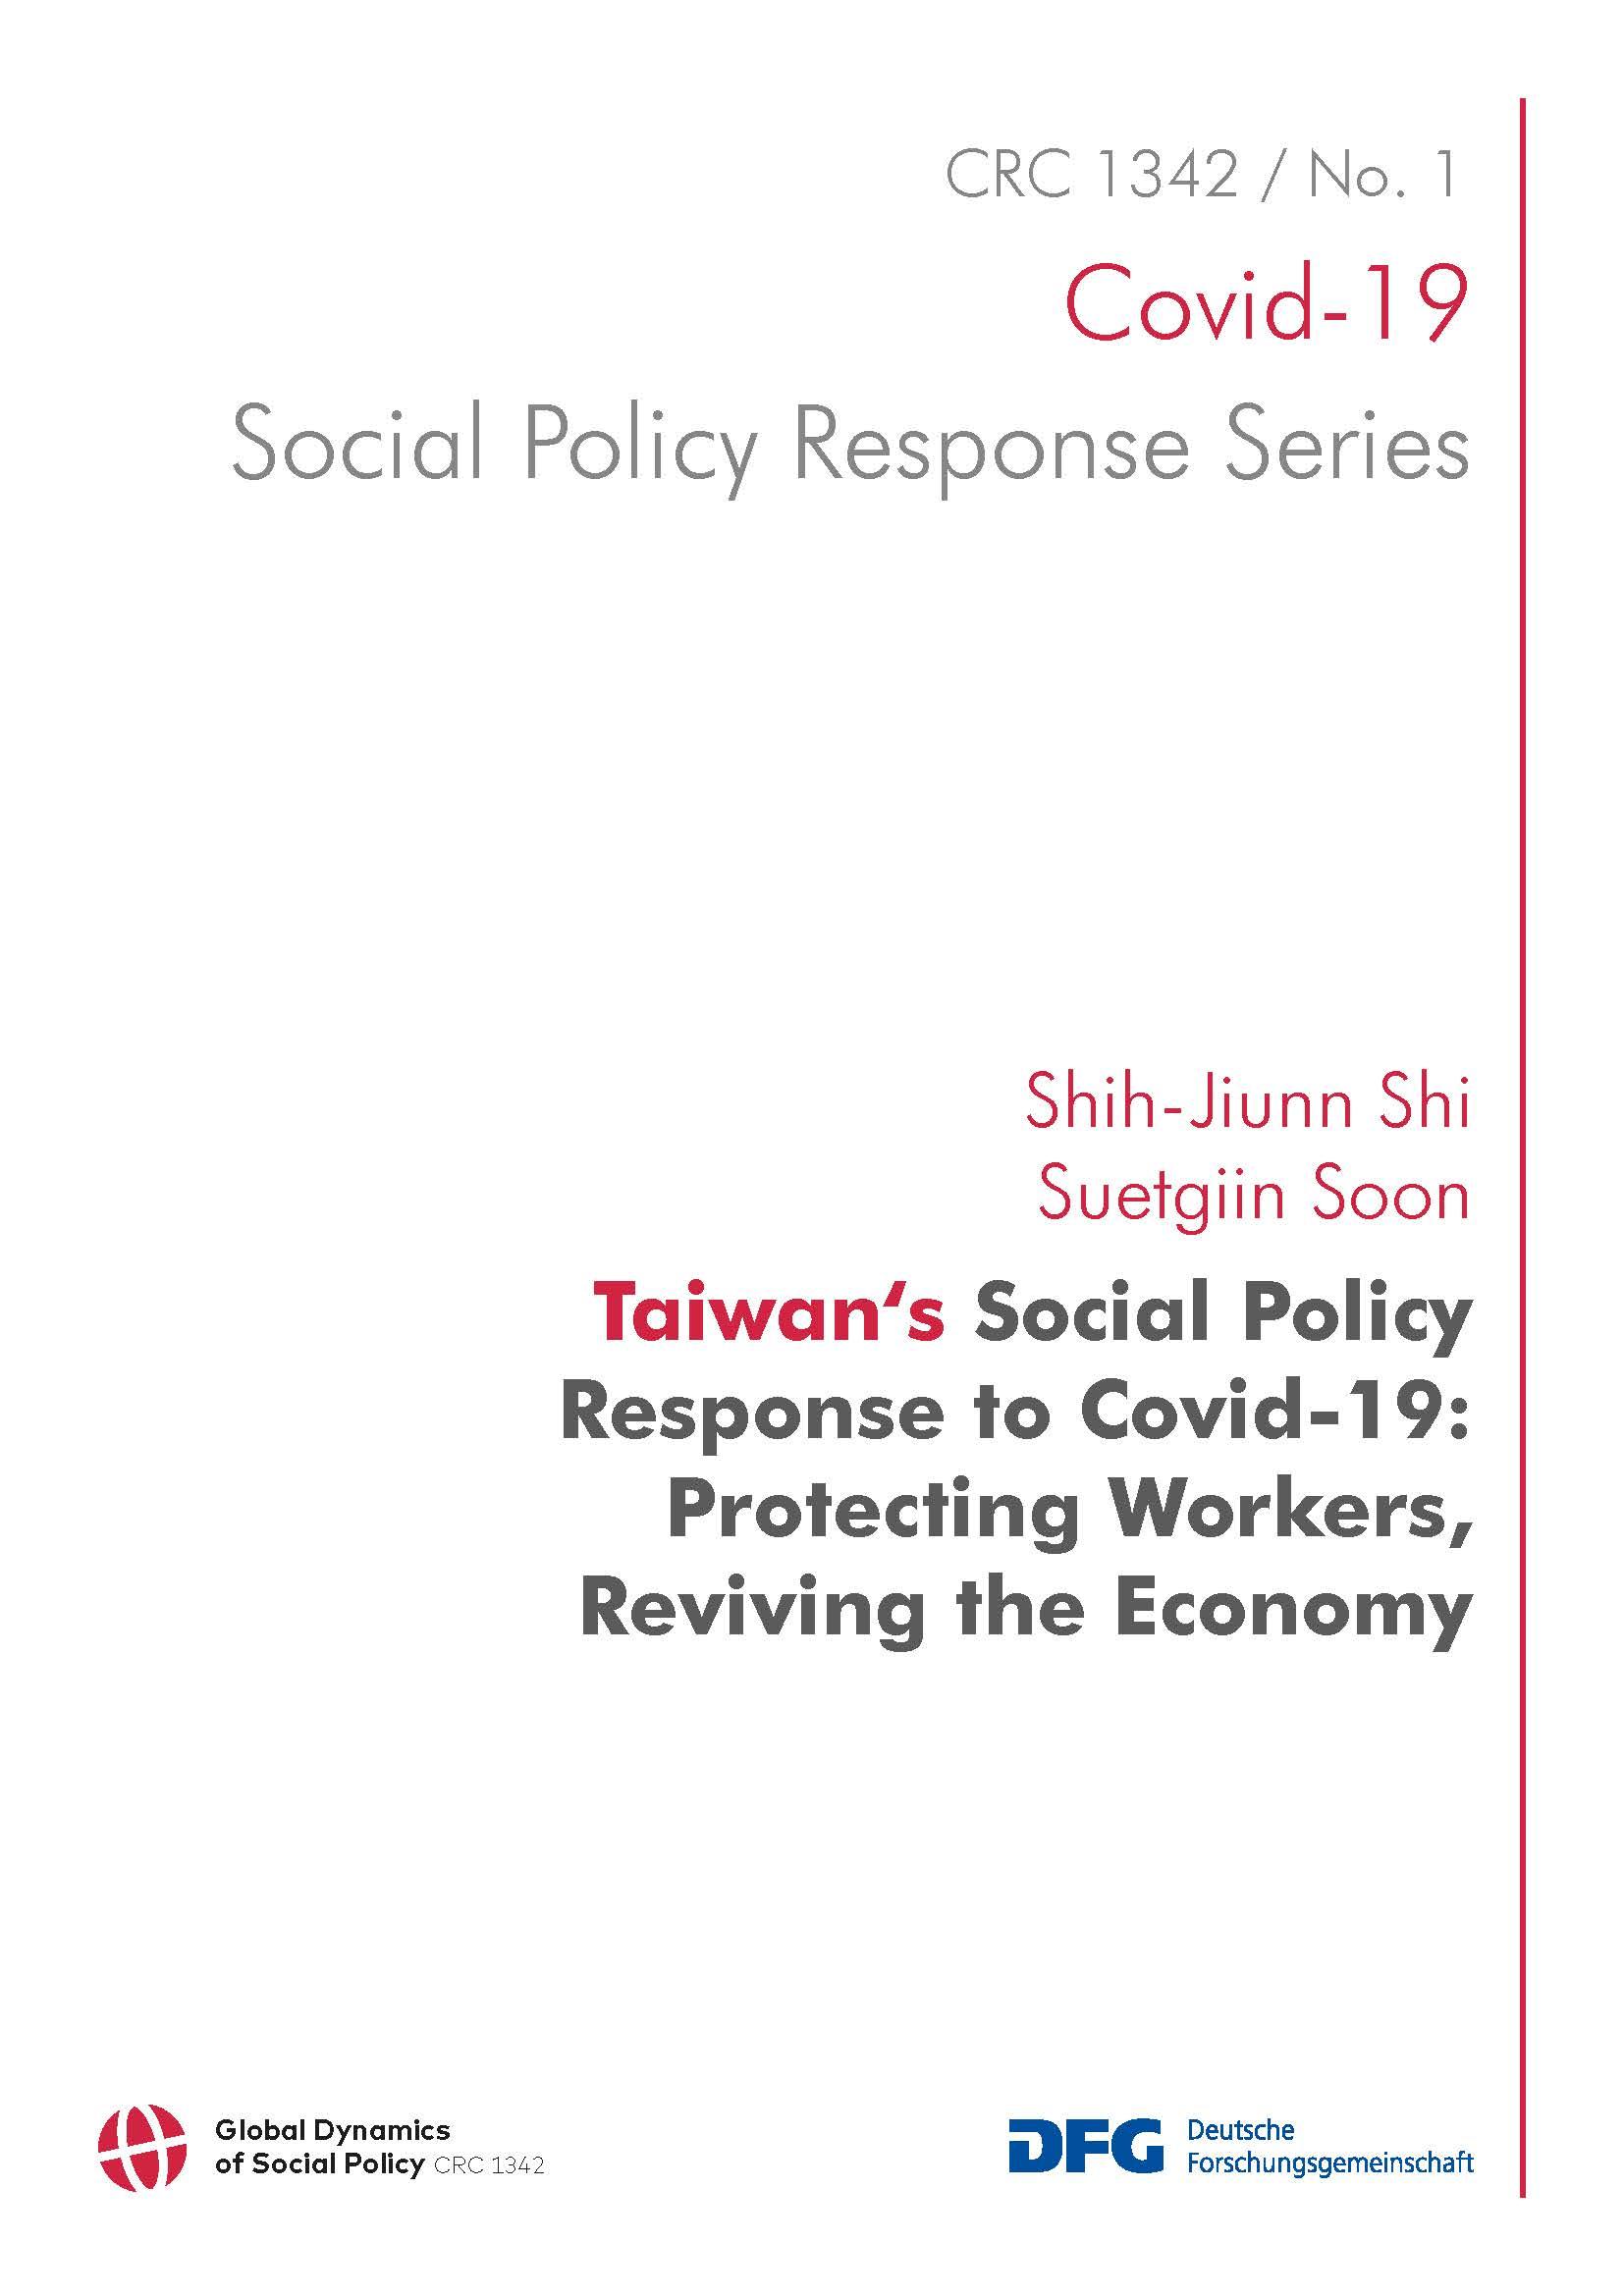 CRC 1342 Covid-19 Social Policy Response Series, Band 1